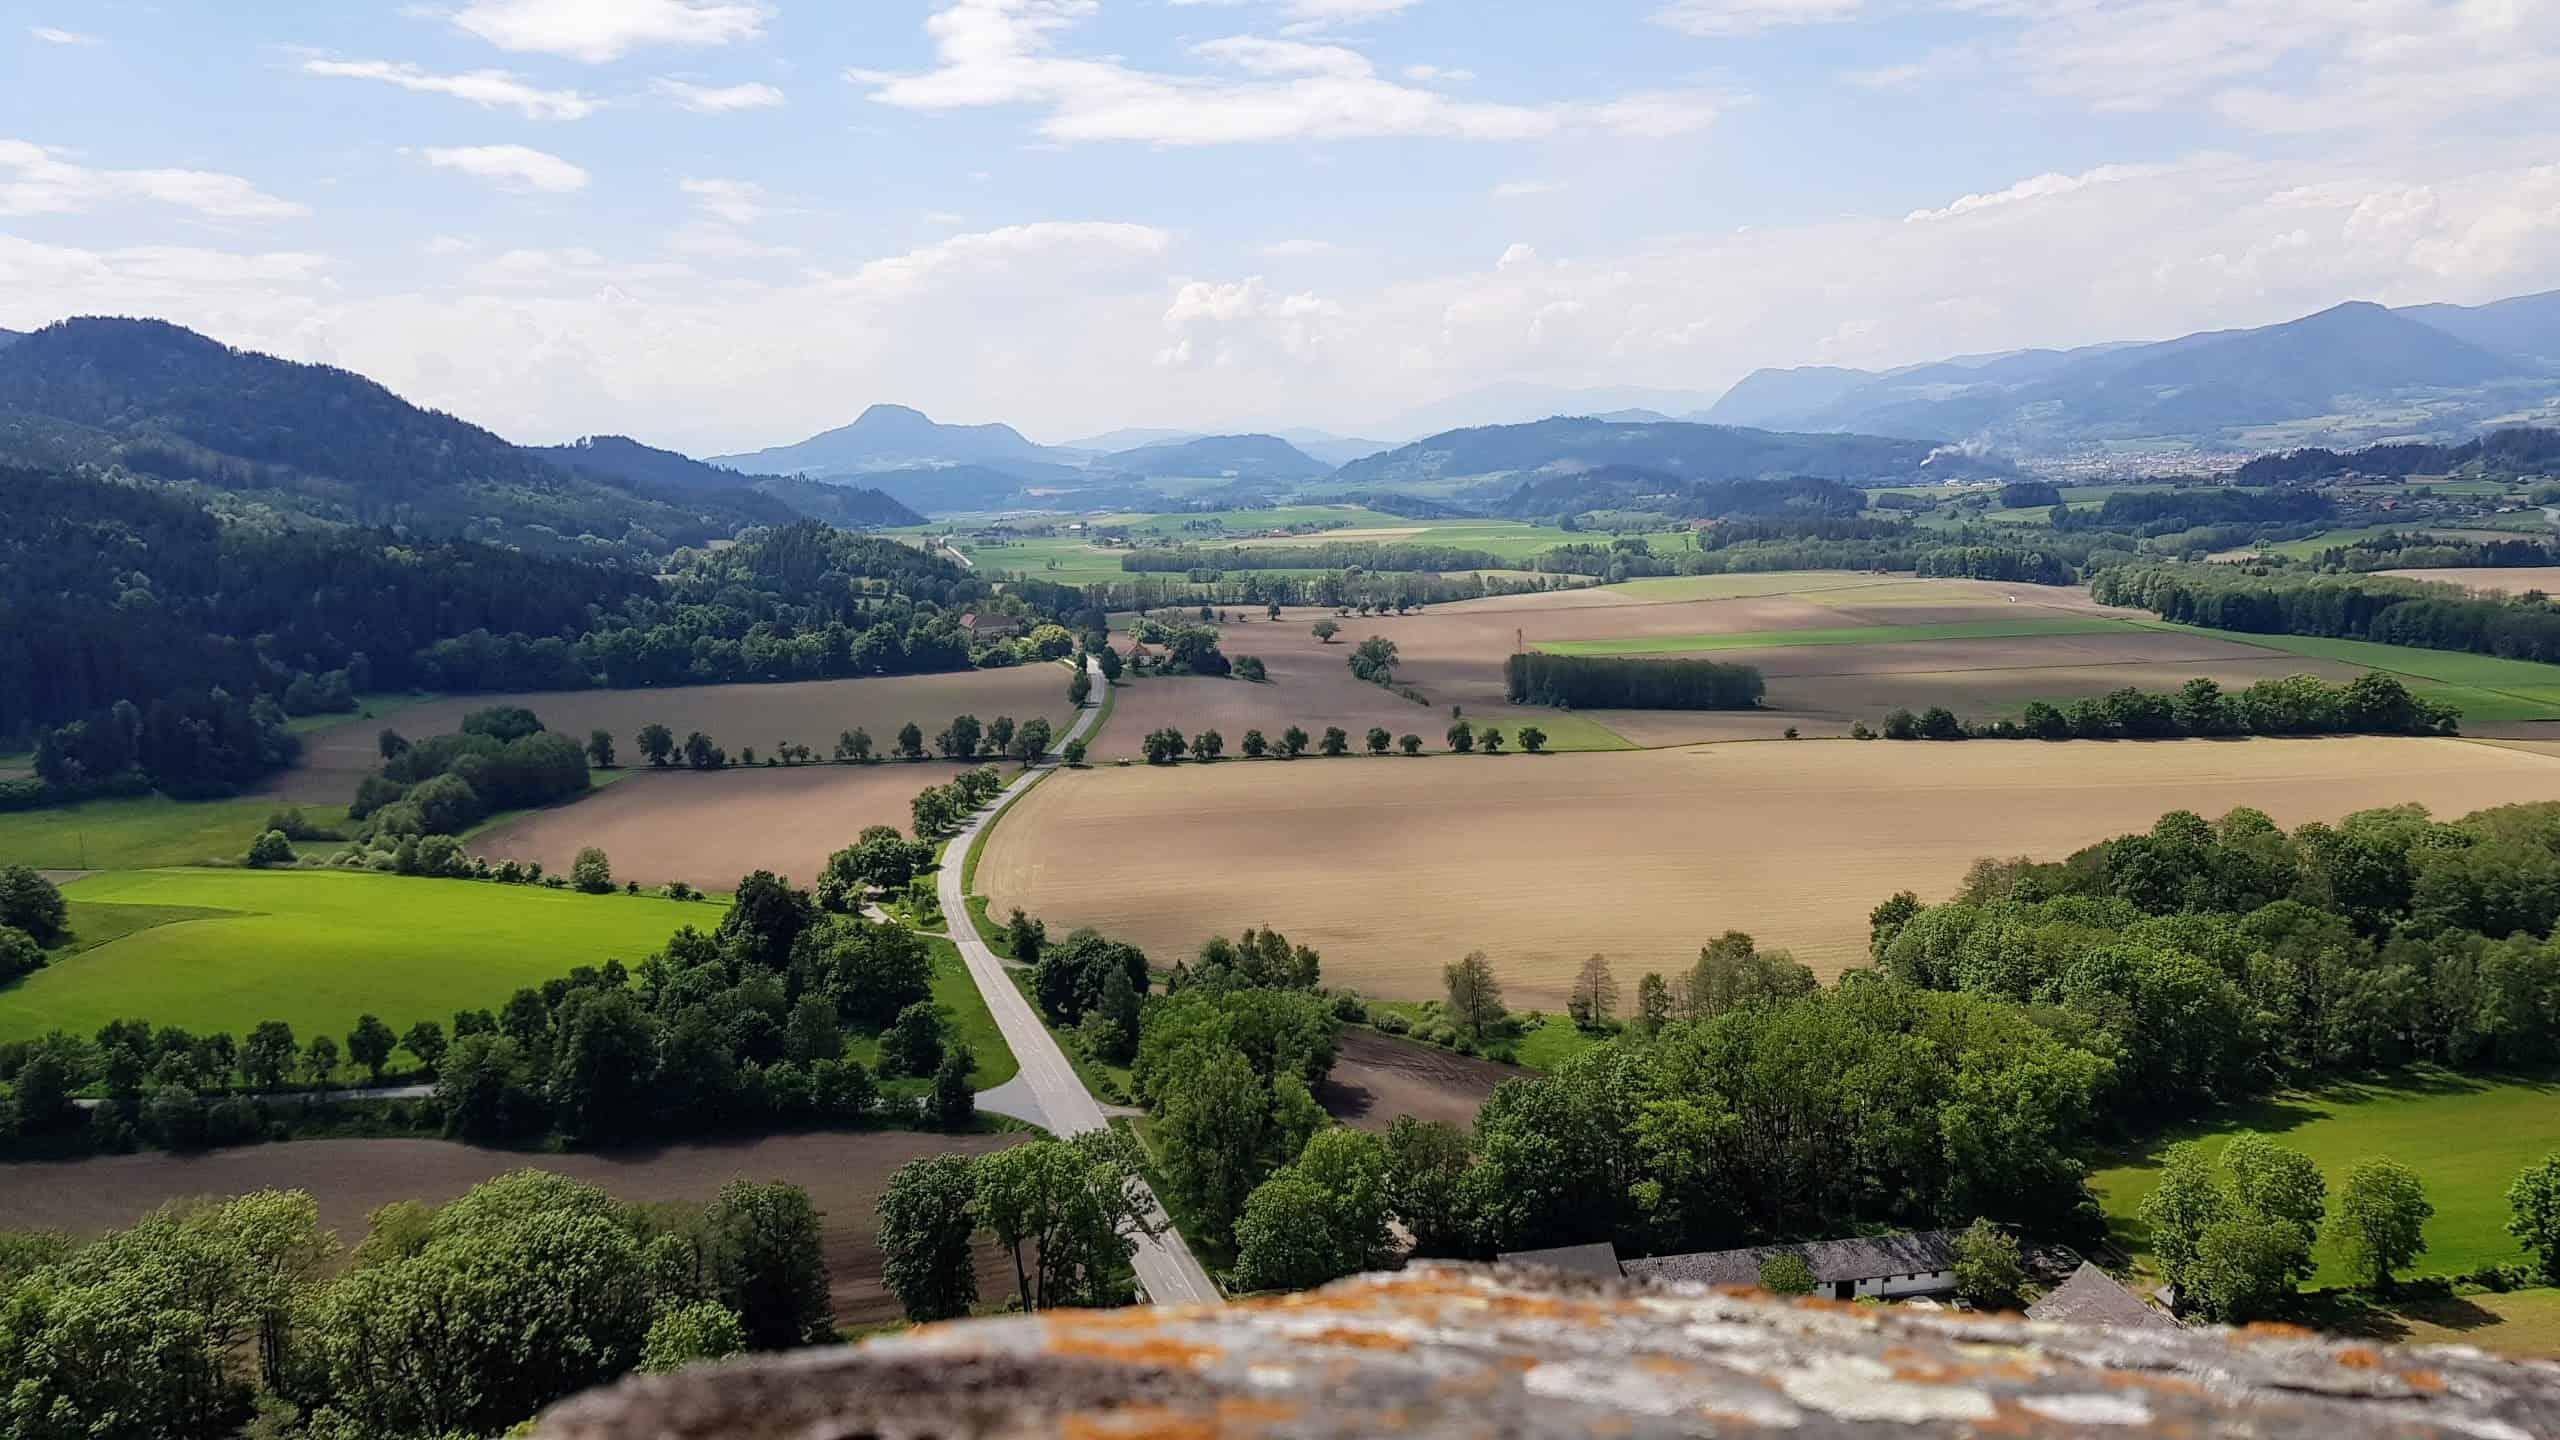 Kinderwagentaugliche Wanderung und barrierefreies Ausflugsziel Burg Hochosterwitz in Kärnten mit Museum, Burgrestaurant uvm. Aussicht